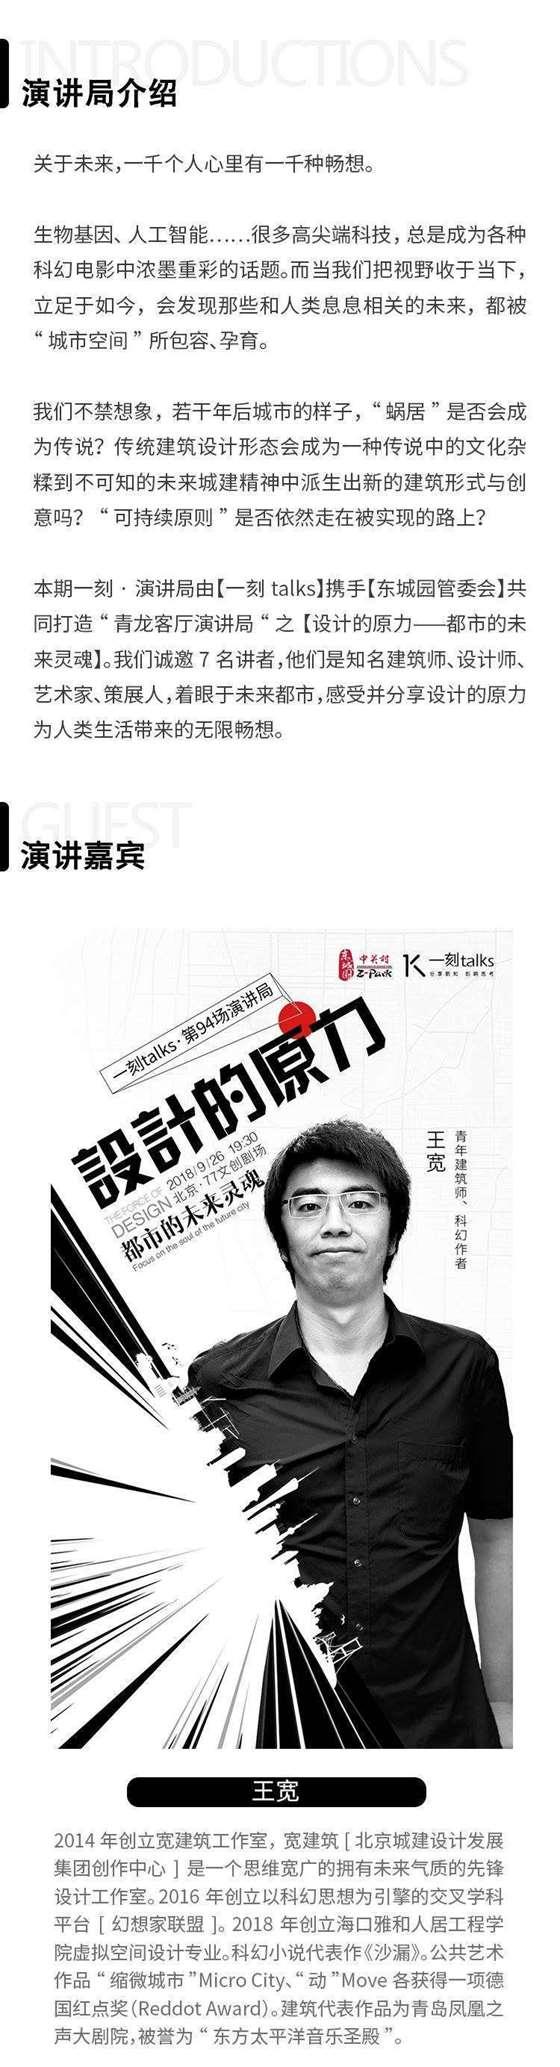 app活动详情页-设计的原力_01.jpg